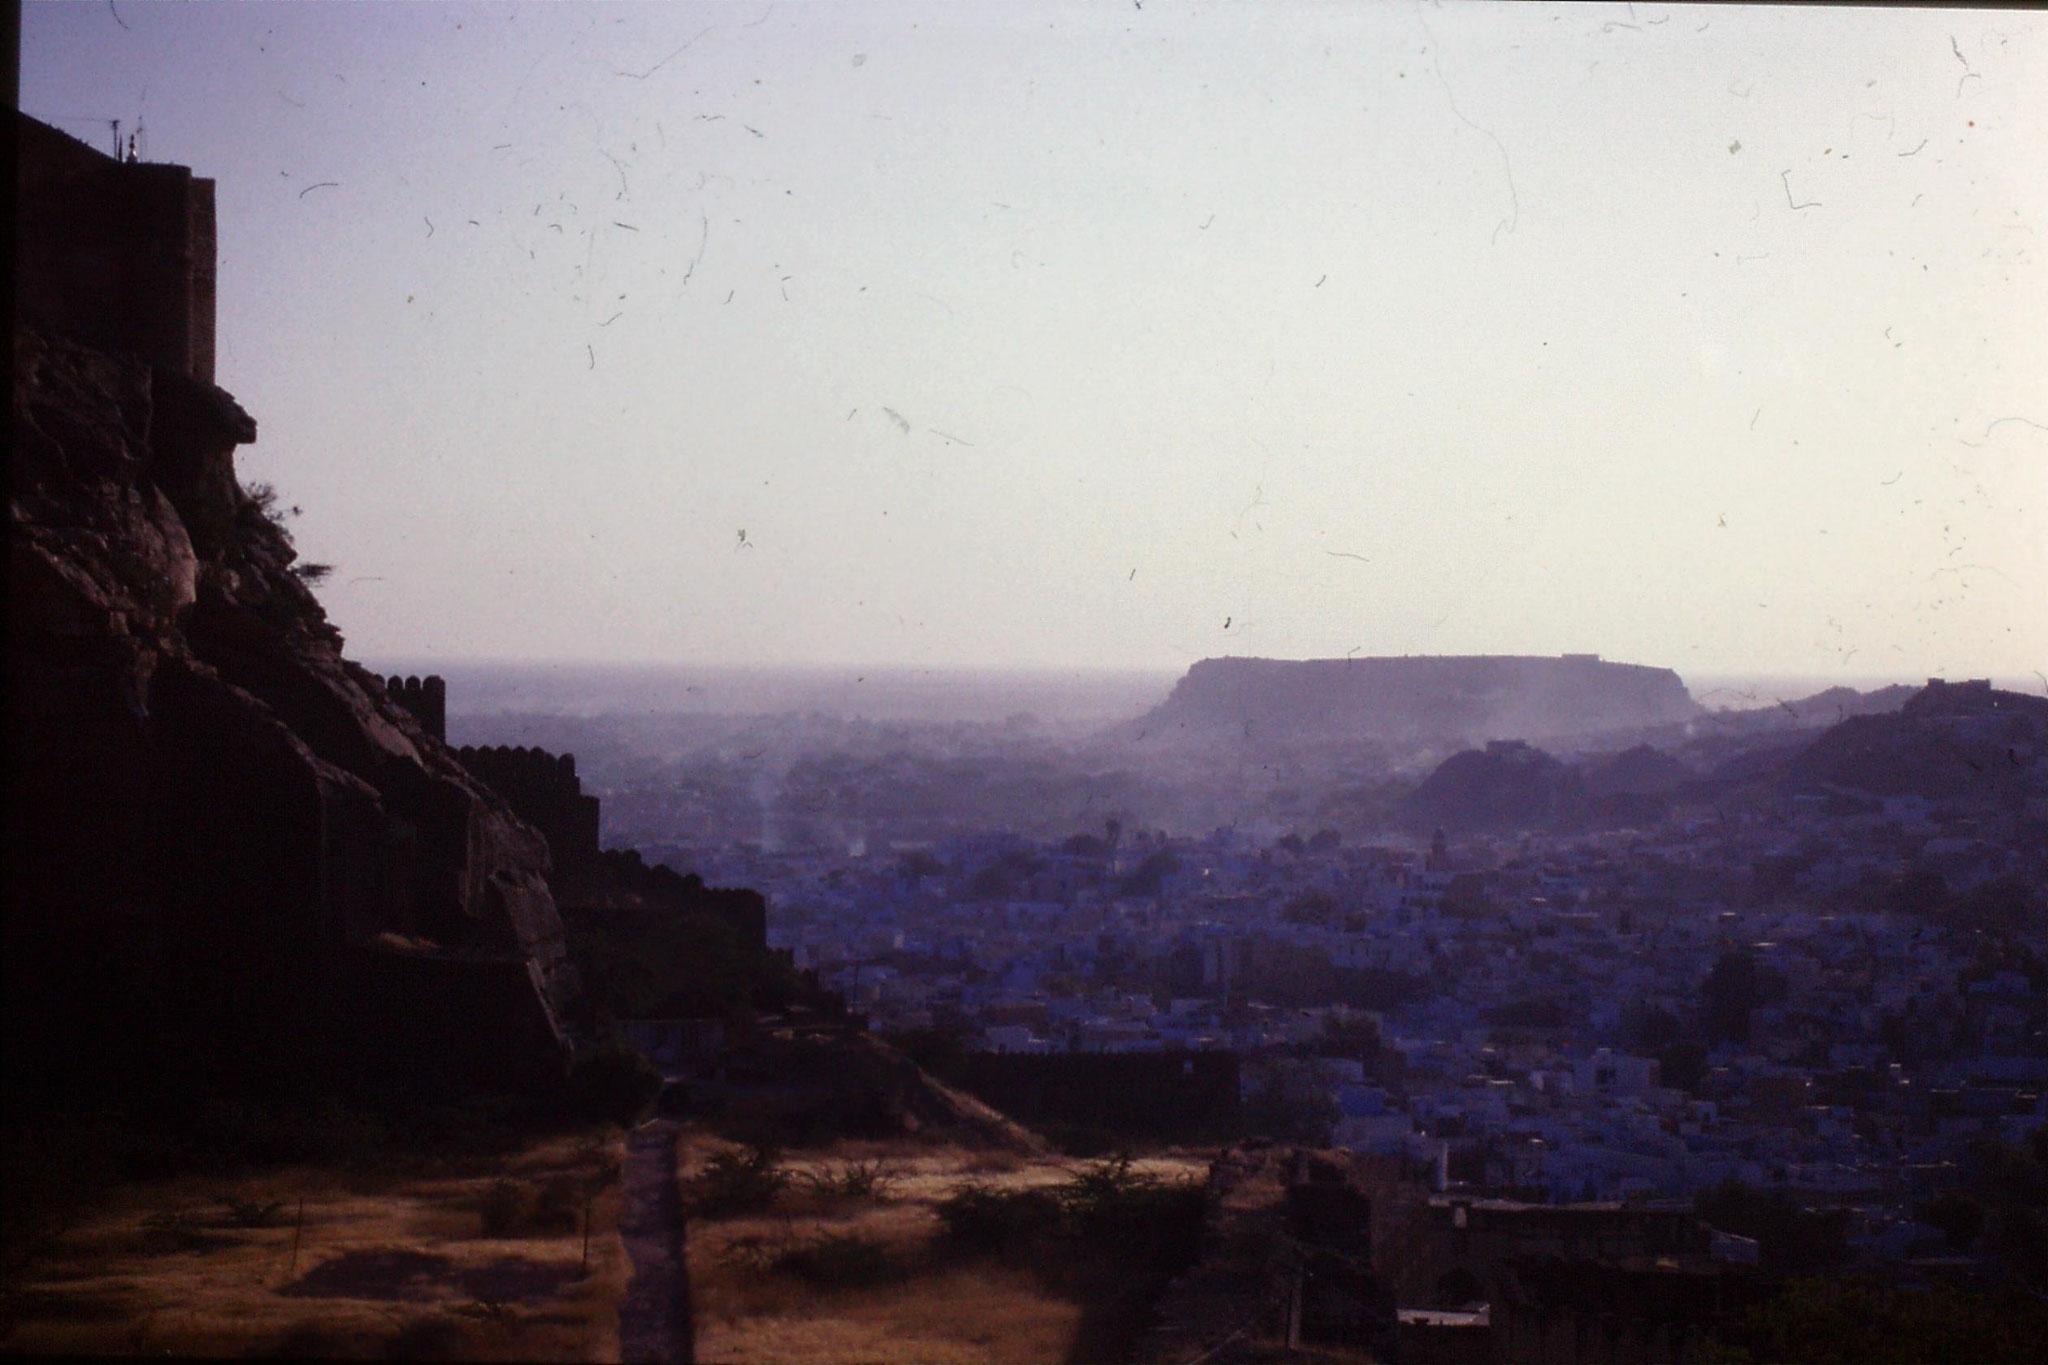 28/11/1989: 35: Jodhpur